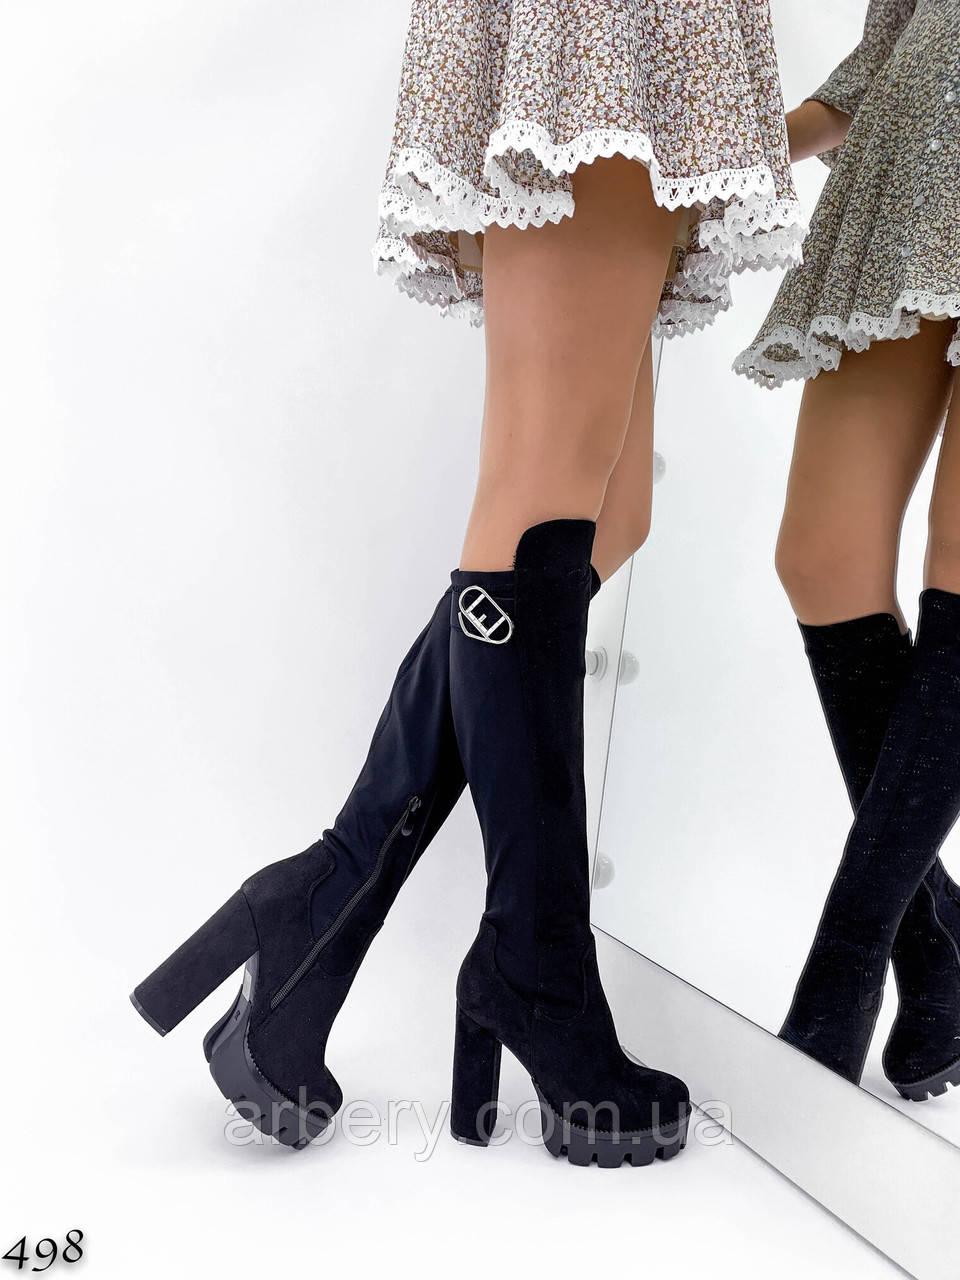 Шикарні чоботи-панчохи на товстому каблуці